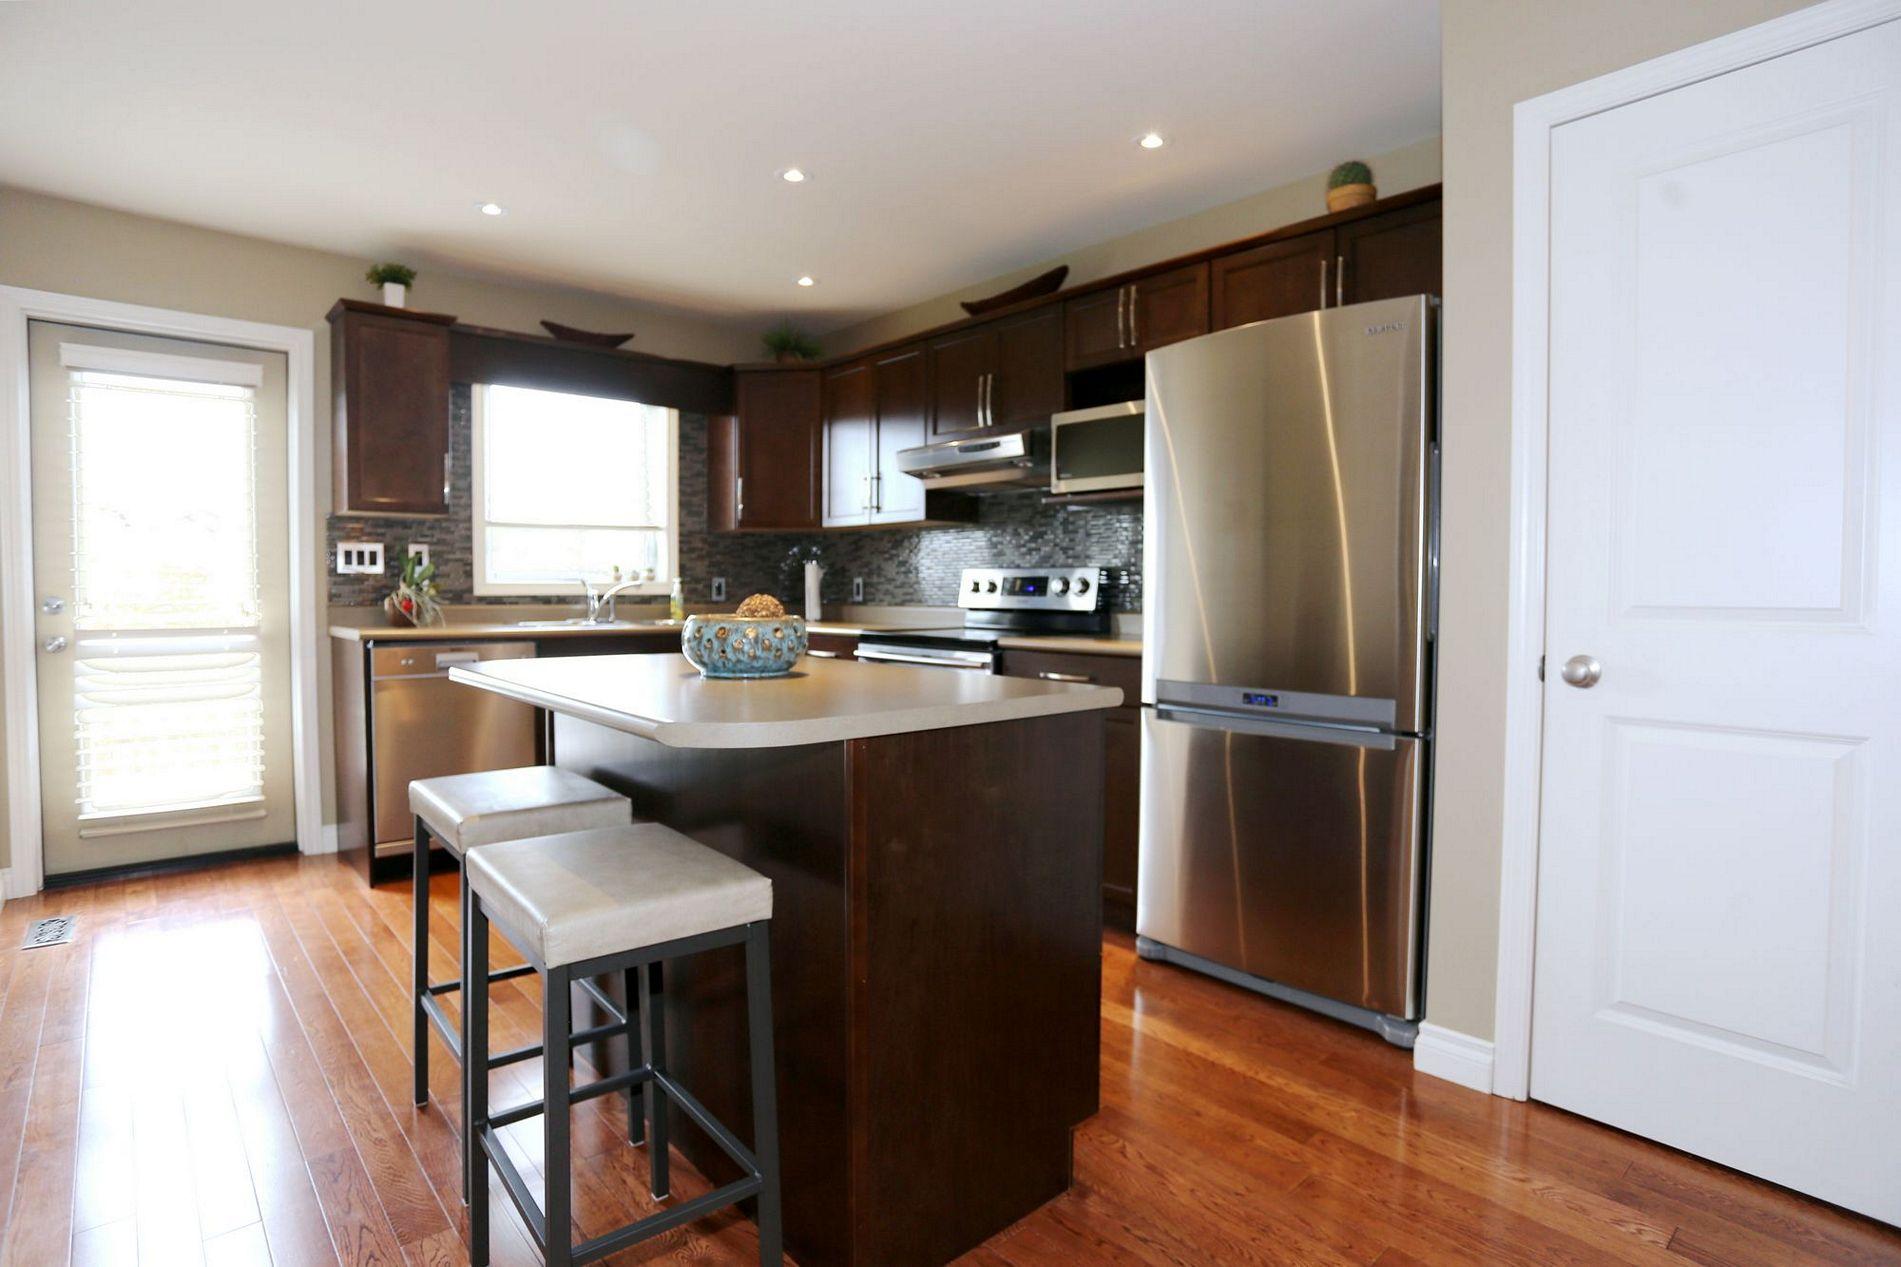 33-472 Templeton Ave, Winnipeg, Manitoba  R2V 4Y8 - Photo 8 - 1623525